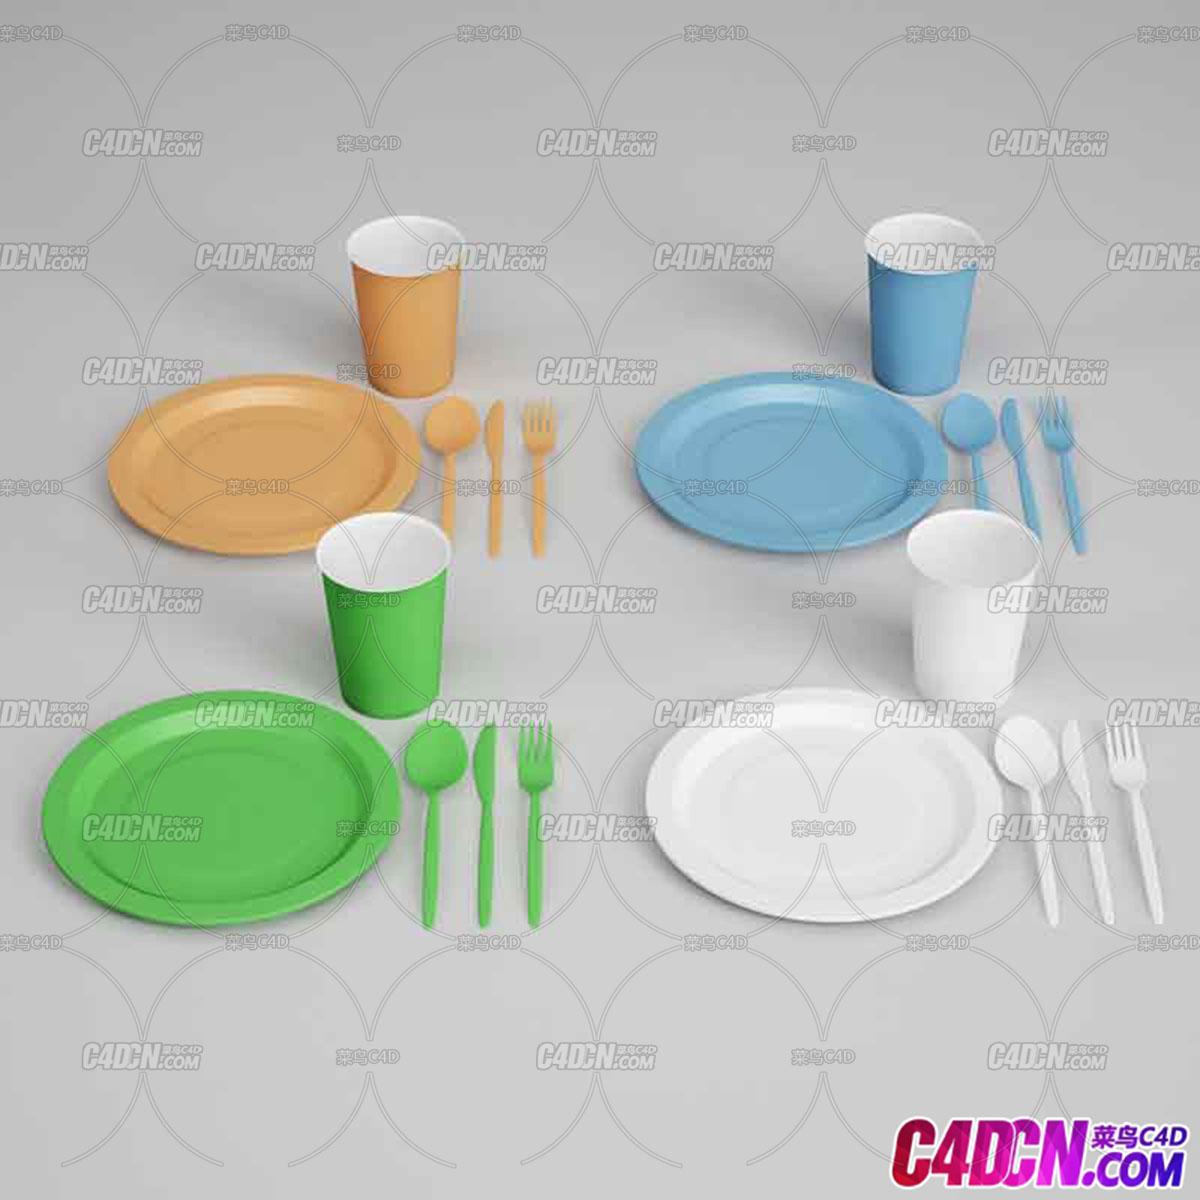 塑料茶杯果盘蛋糕叉子刀子勺子C4D模型